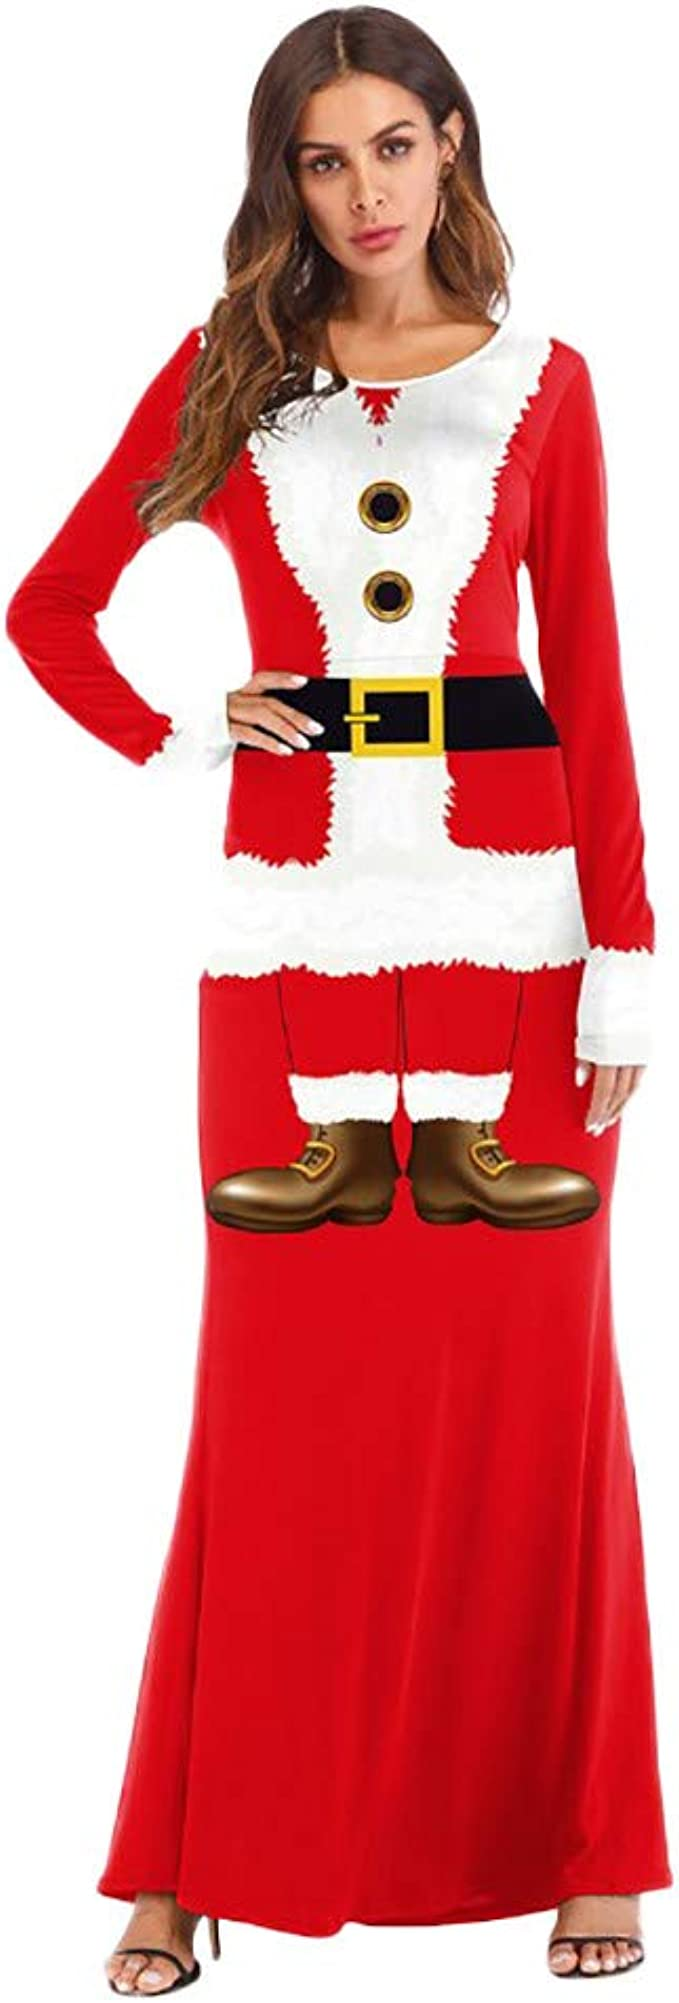 Amazon.com: Disfraz de Santa Claus para mujer, vestido de ...